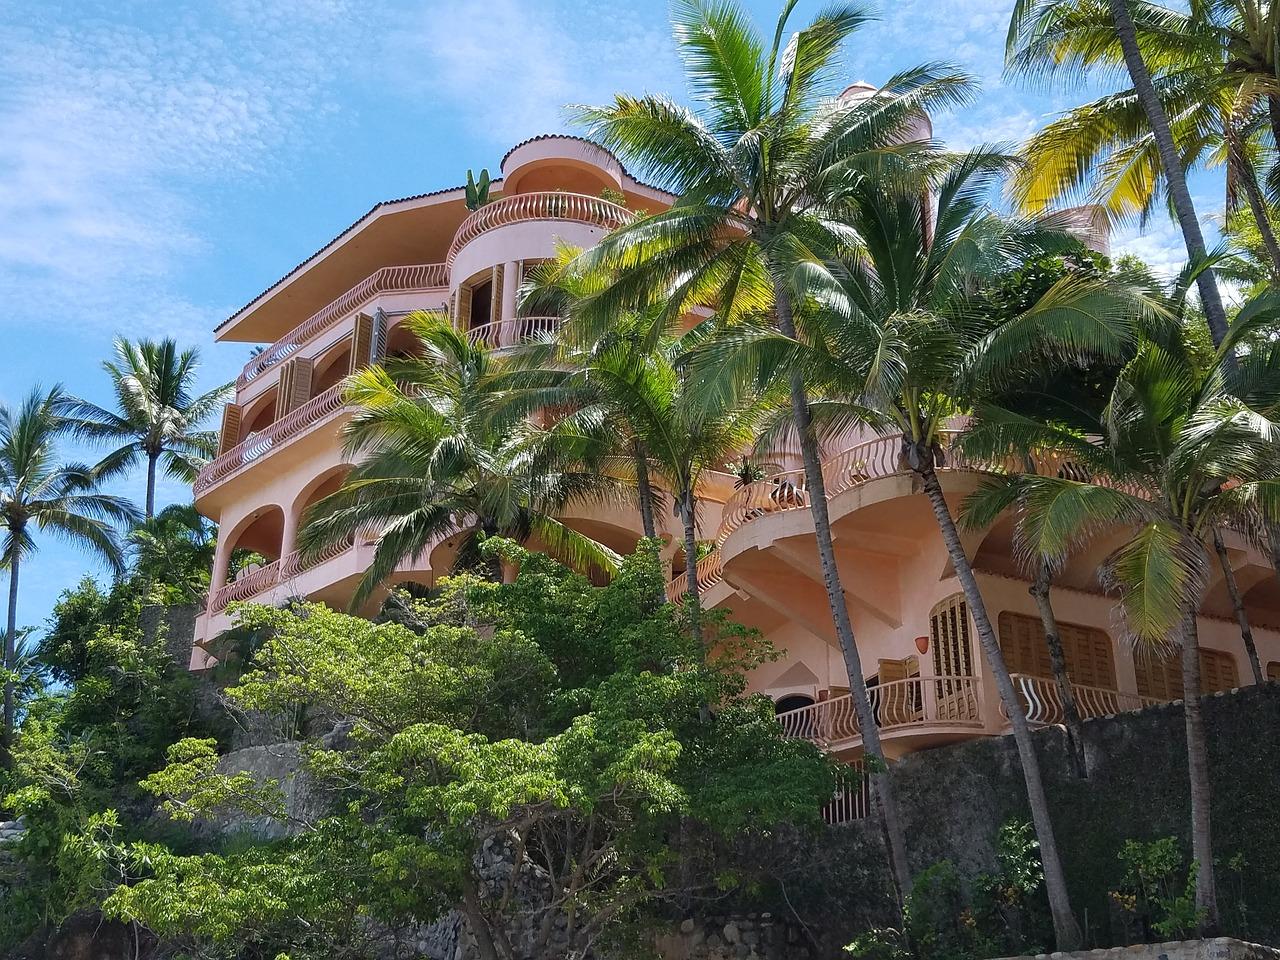 Location de villa à Nosy Be, des vacances inoubliables